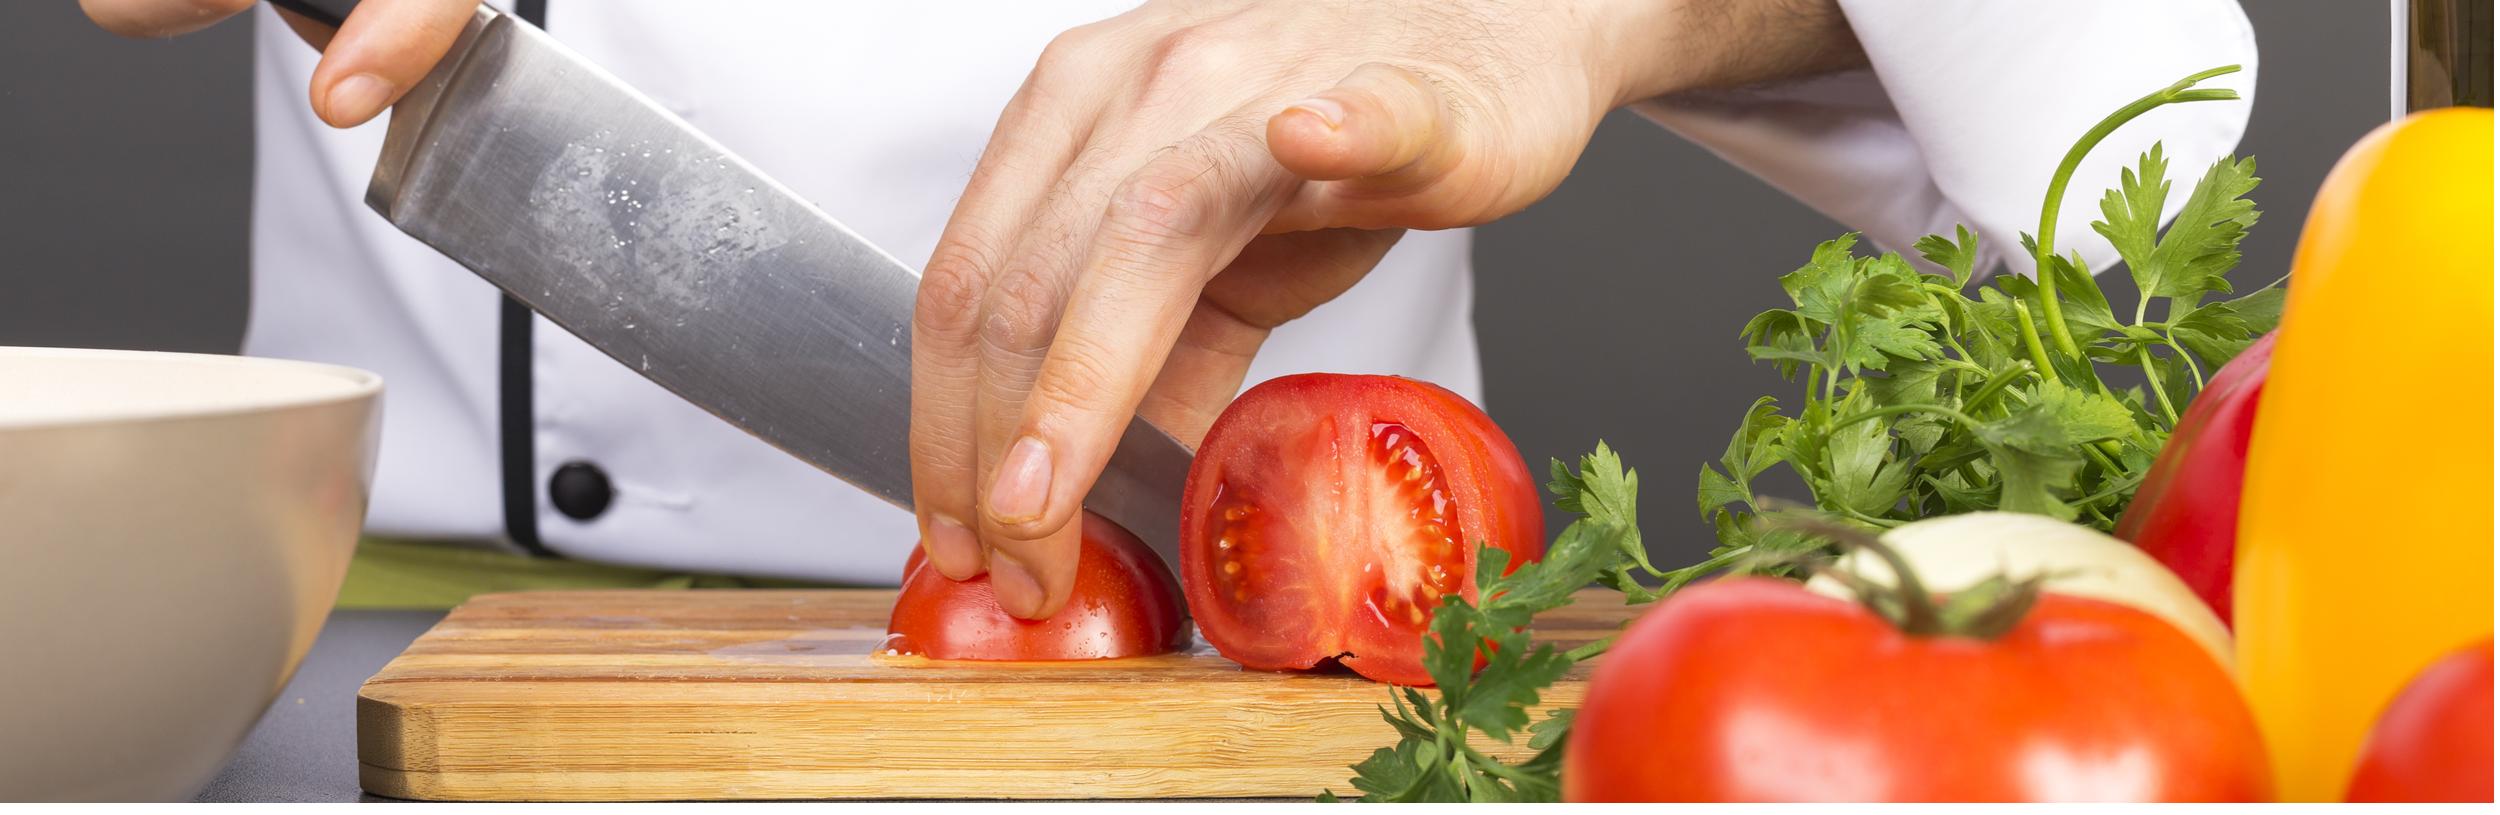 persona mentre taglia dei pomodori su un tagliere